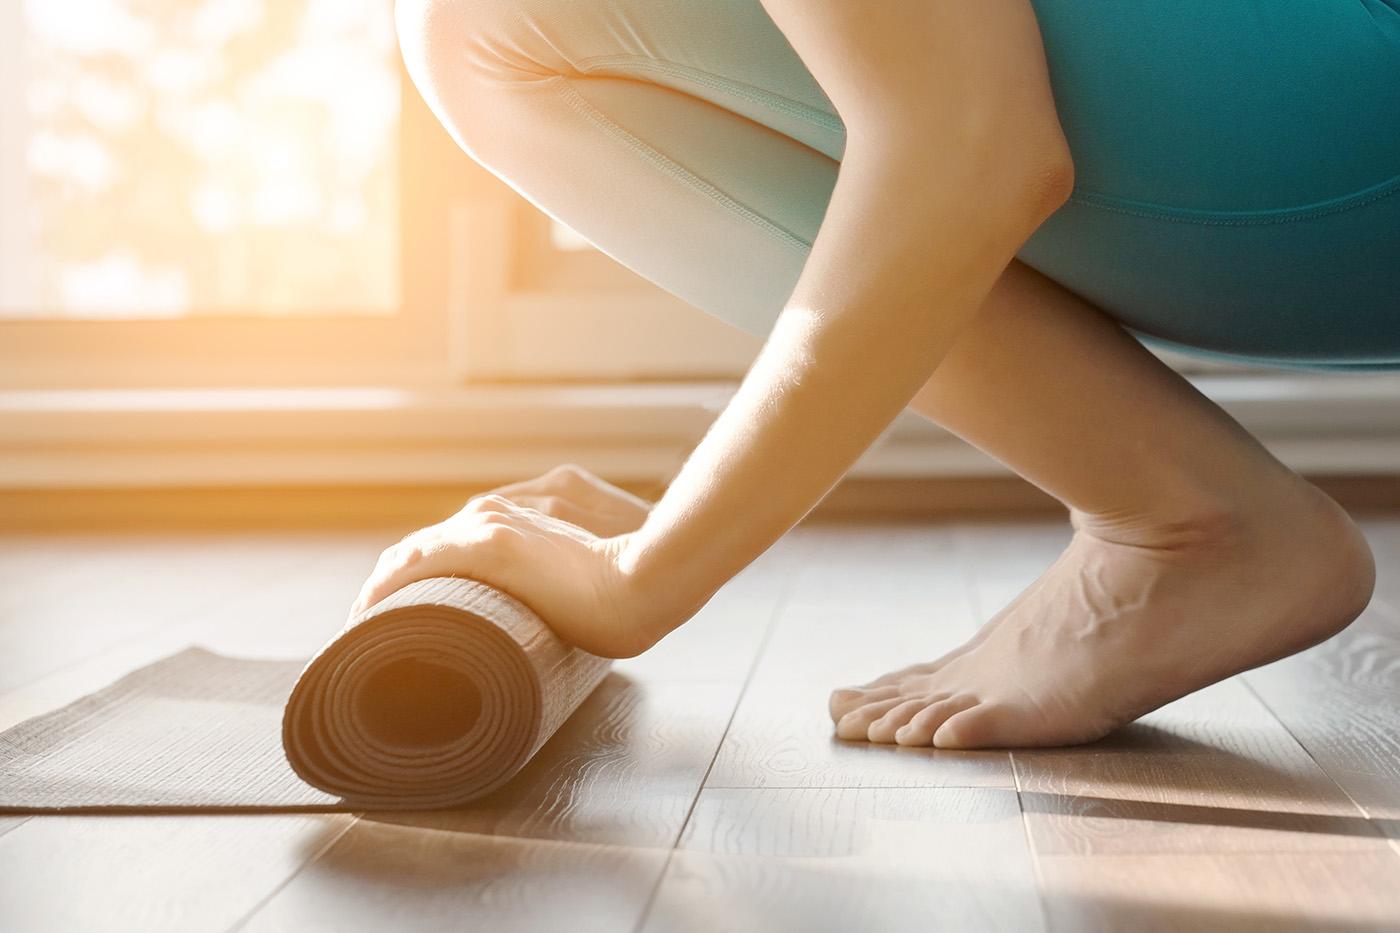 visszérgyógyászati torna az alsó végtagok visszértágulatához mi segít a visszeres fájdalom esetén